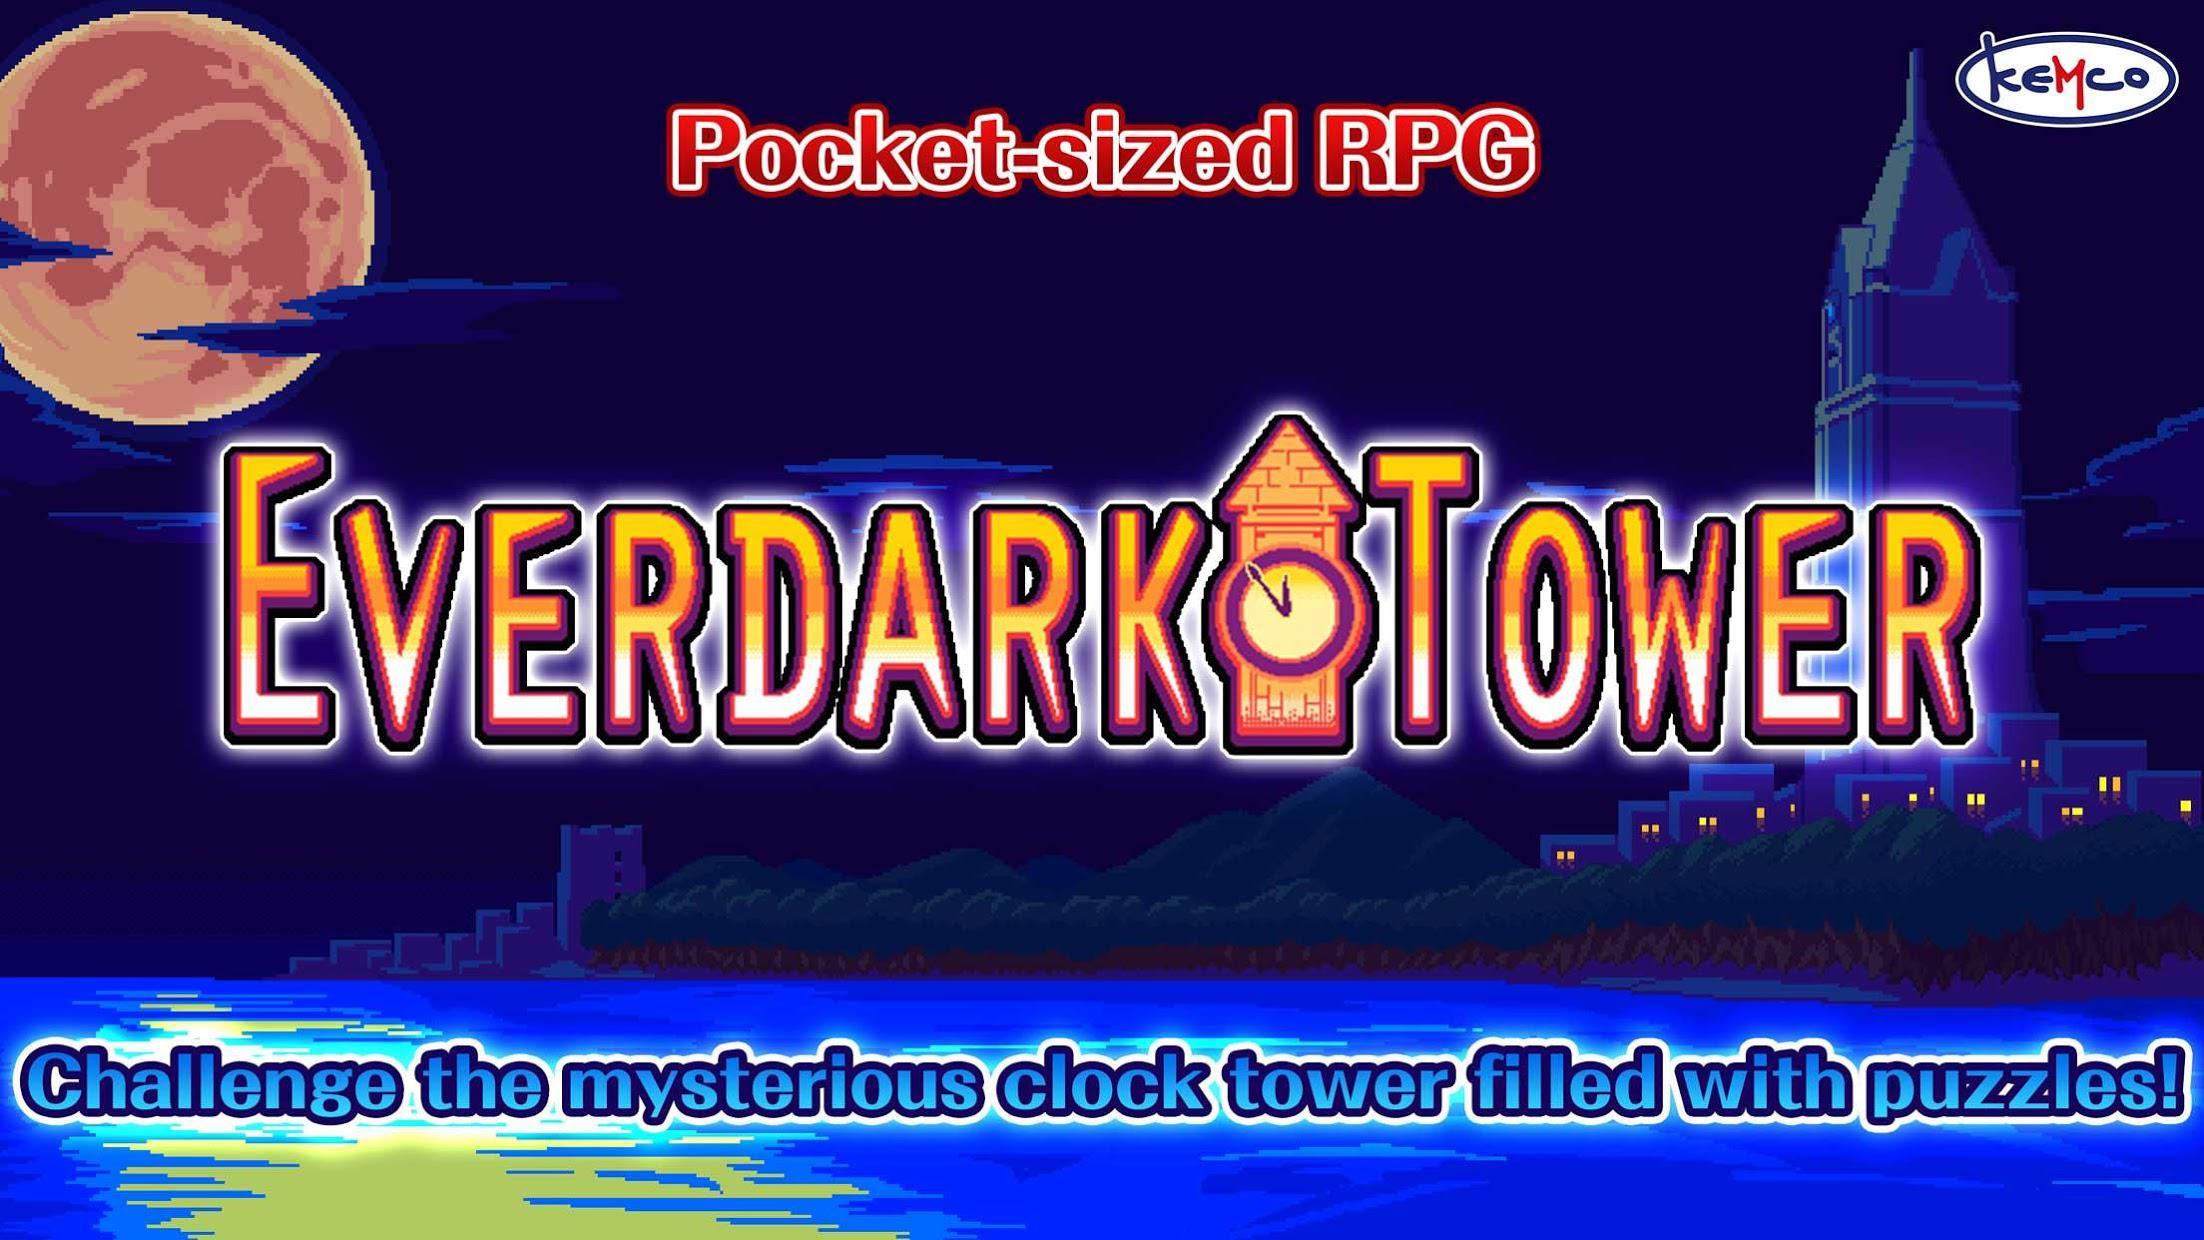 Everdark Tower - Pocket-sized RPG 游戏截图1